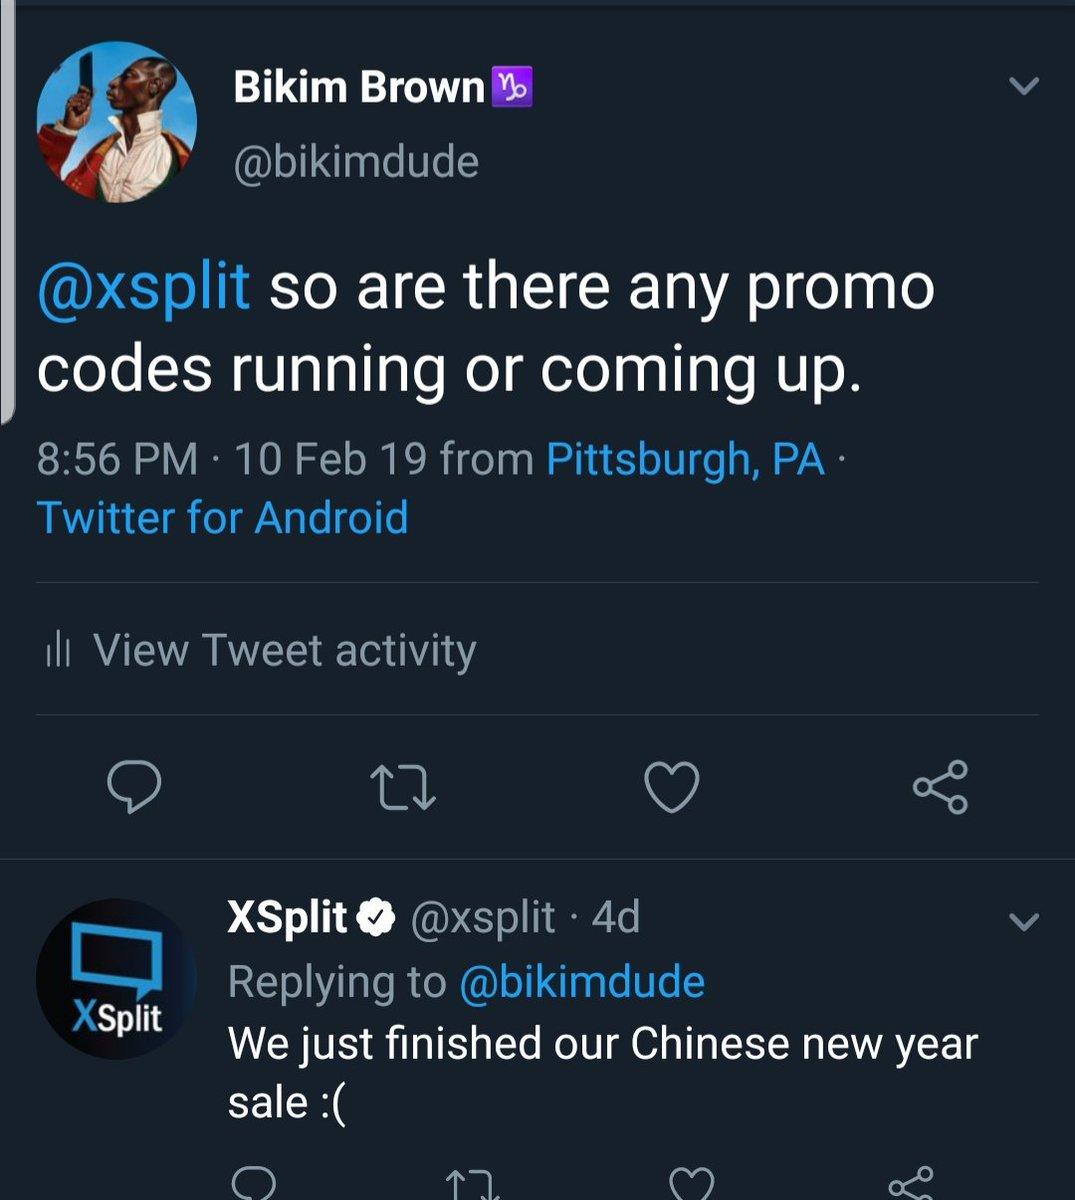 XSplit on Twitter: